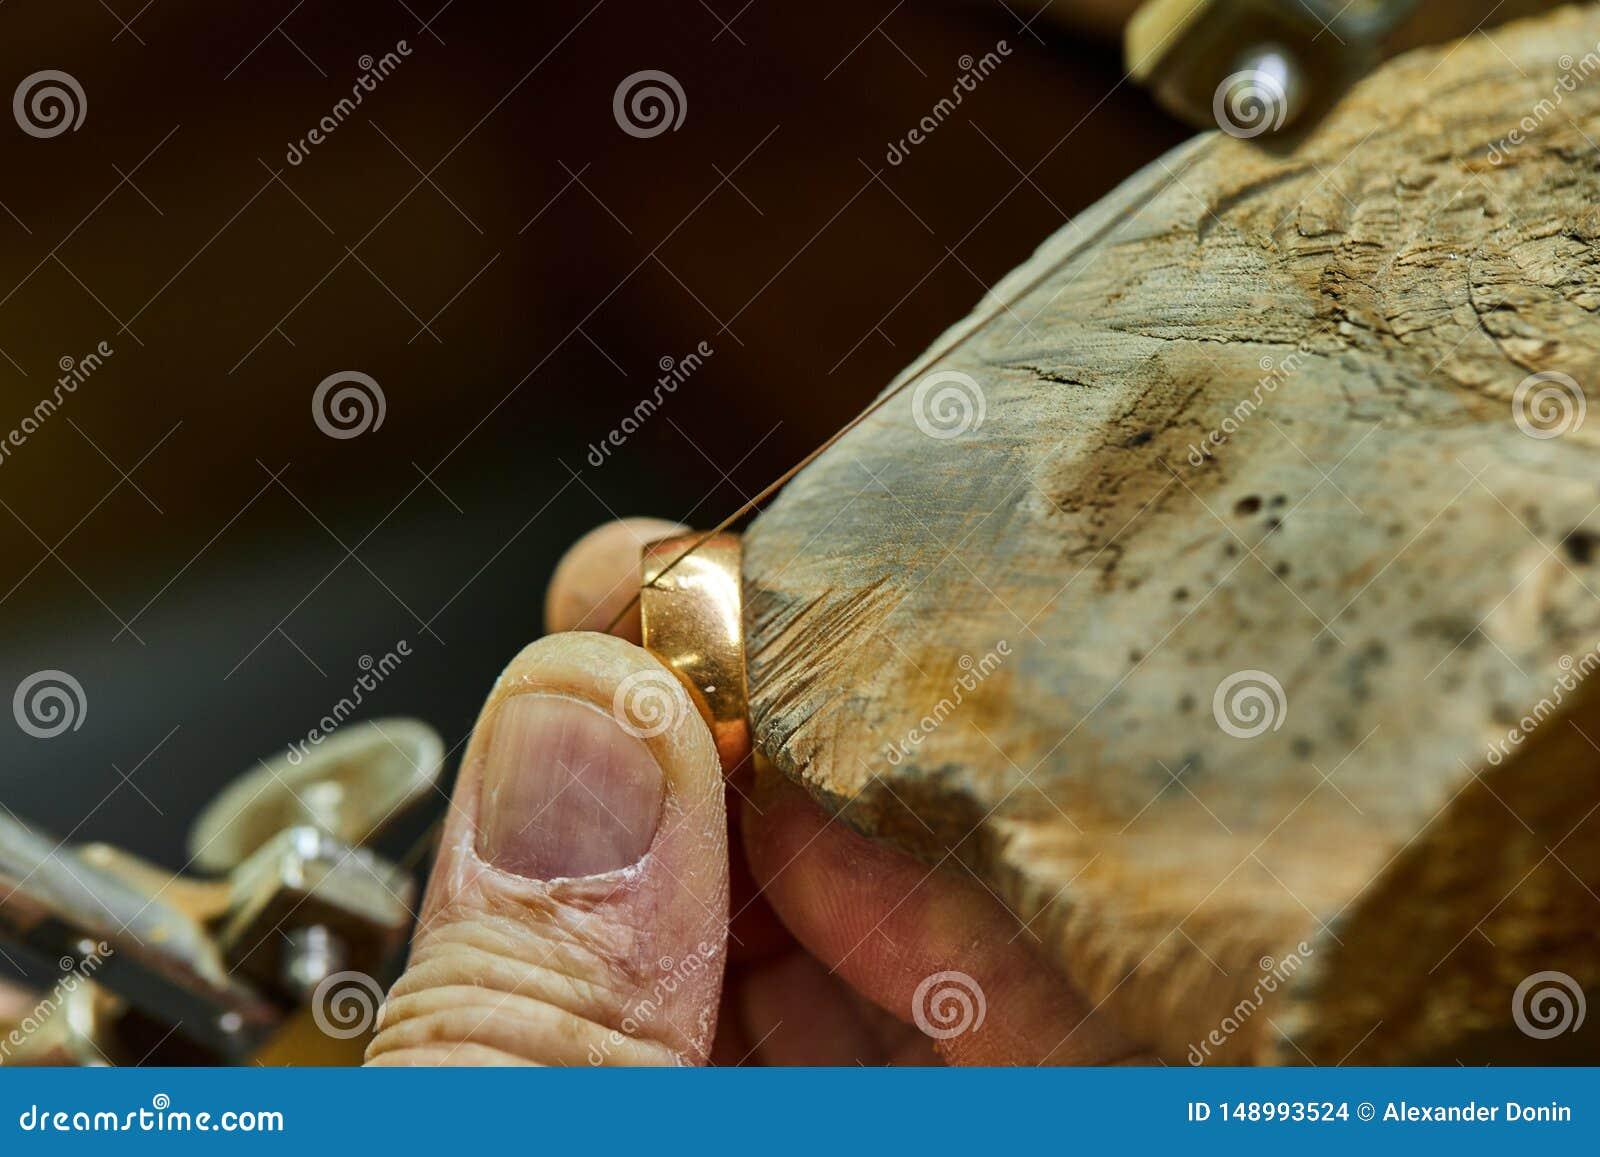 Produzione dei gioielli Usando del gioielliere ha visto per creare i gioielli